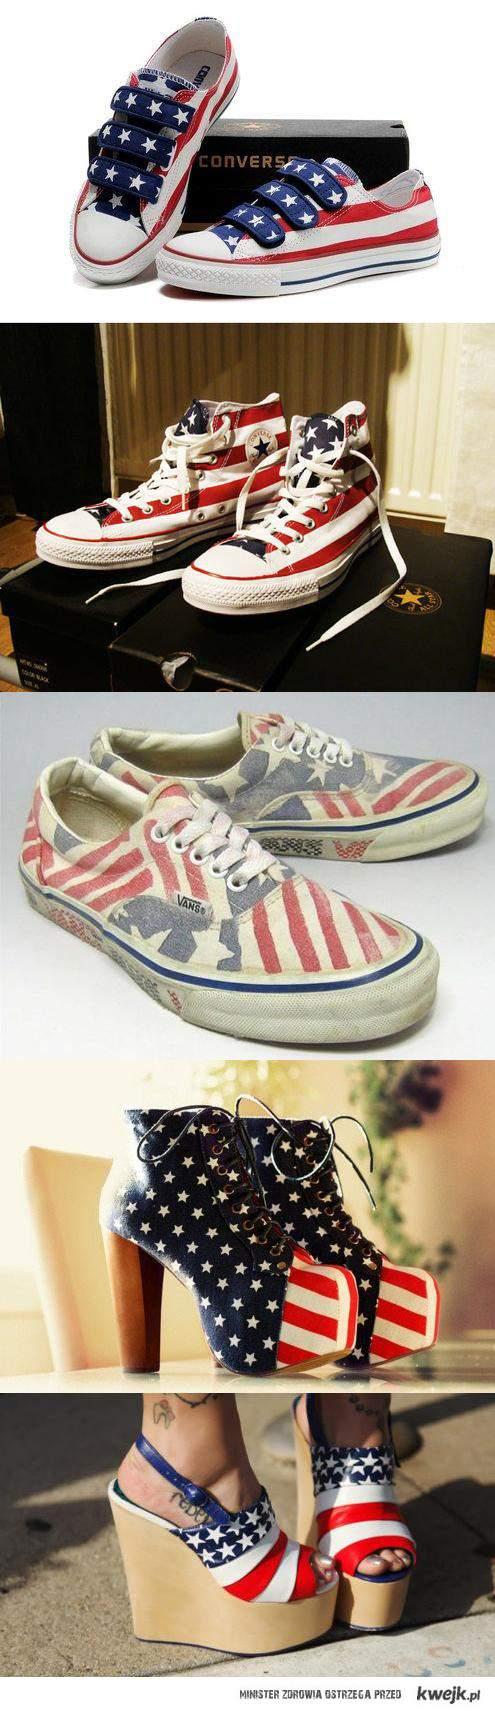 USA shoes.